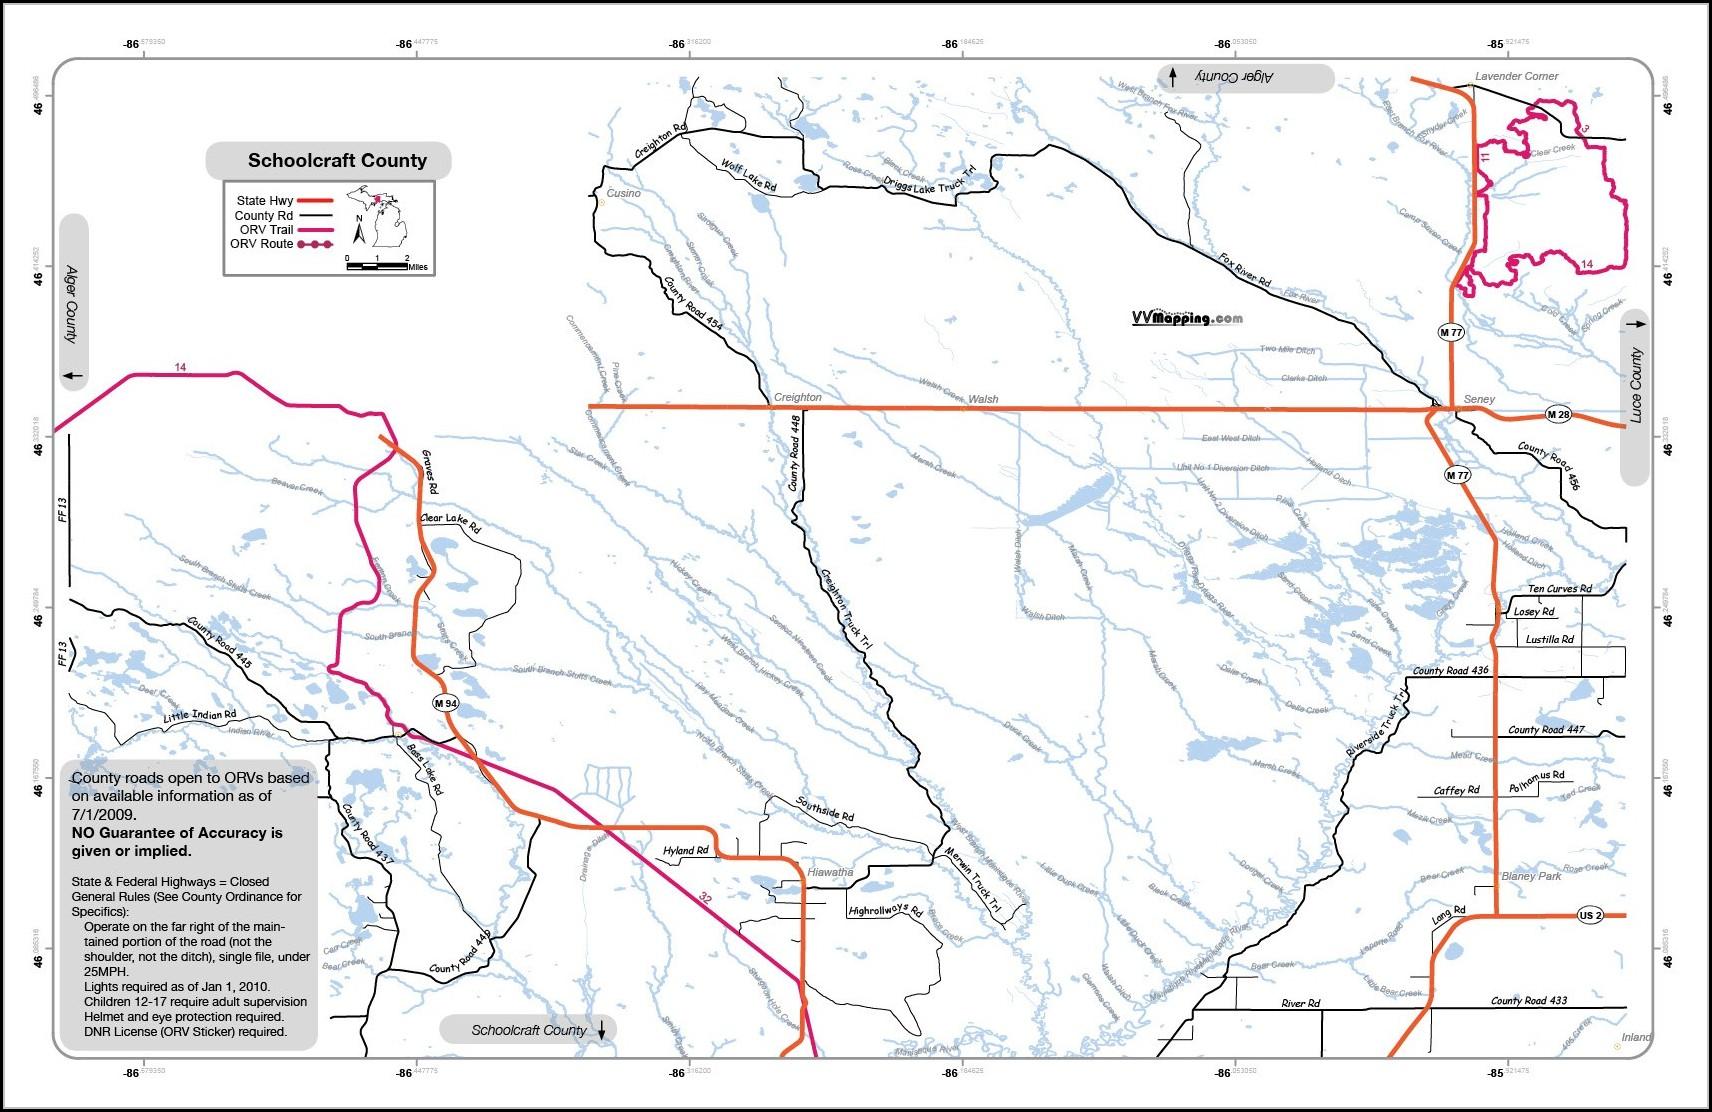 Michigan Snowmobile Trail Maps Gps Map Resume Examples Pv8xg7y3jq